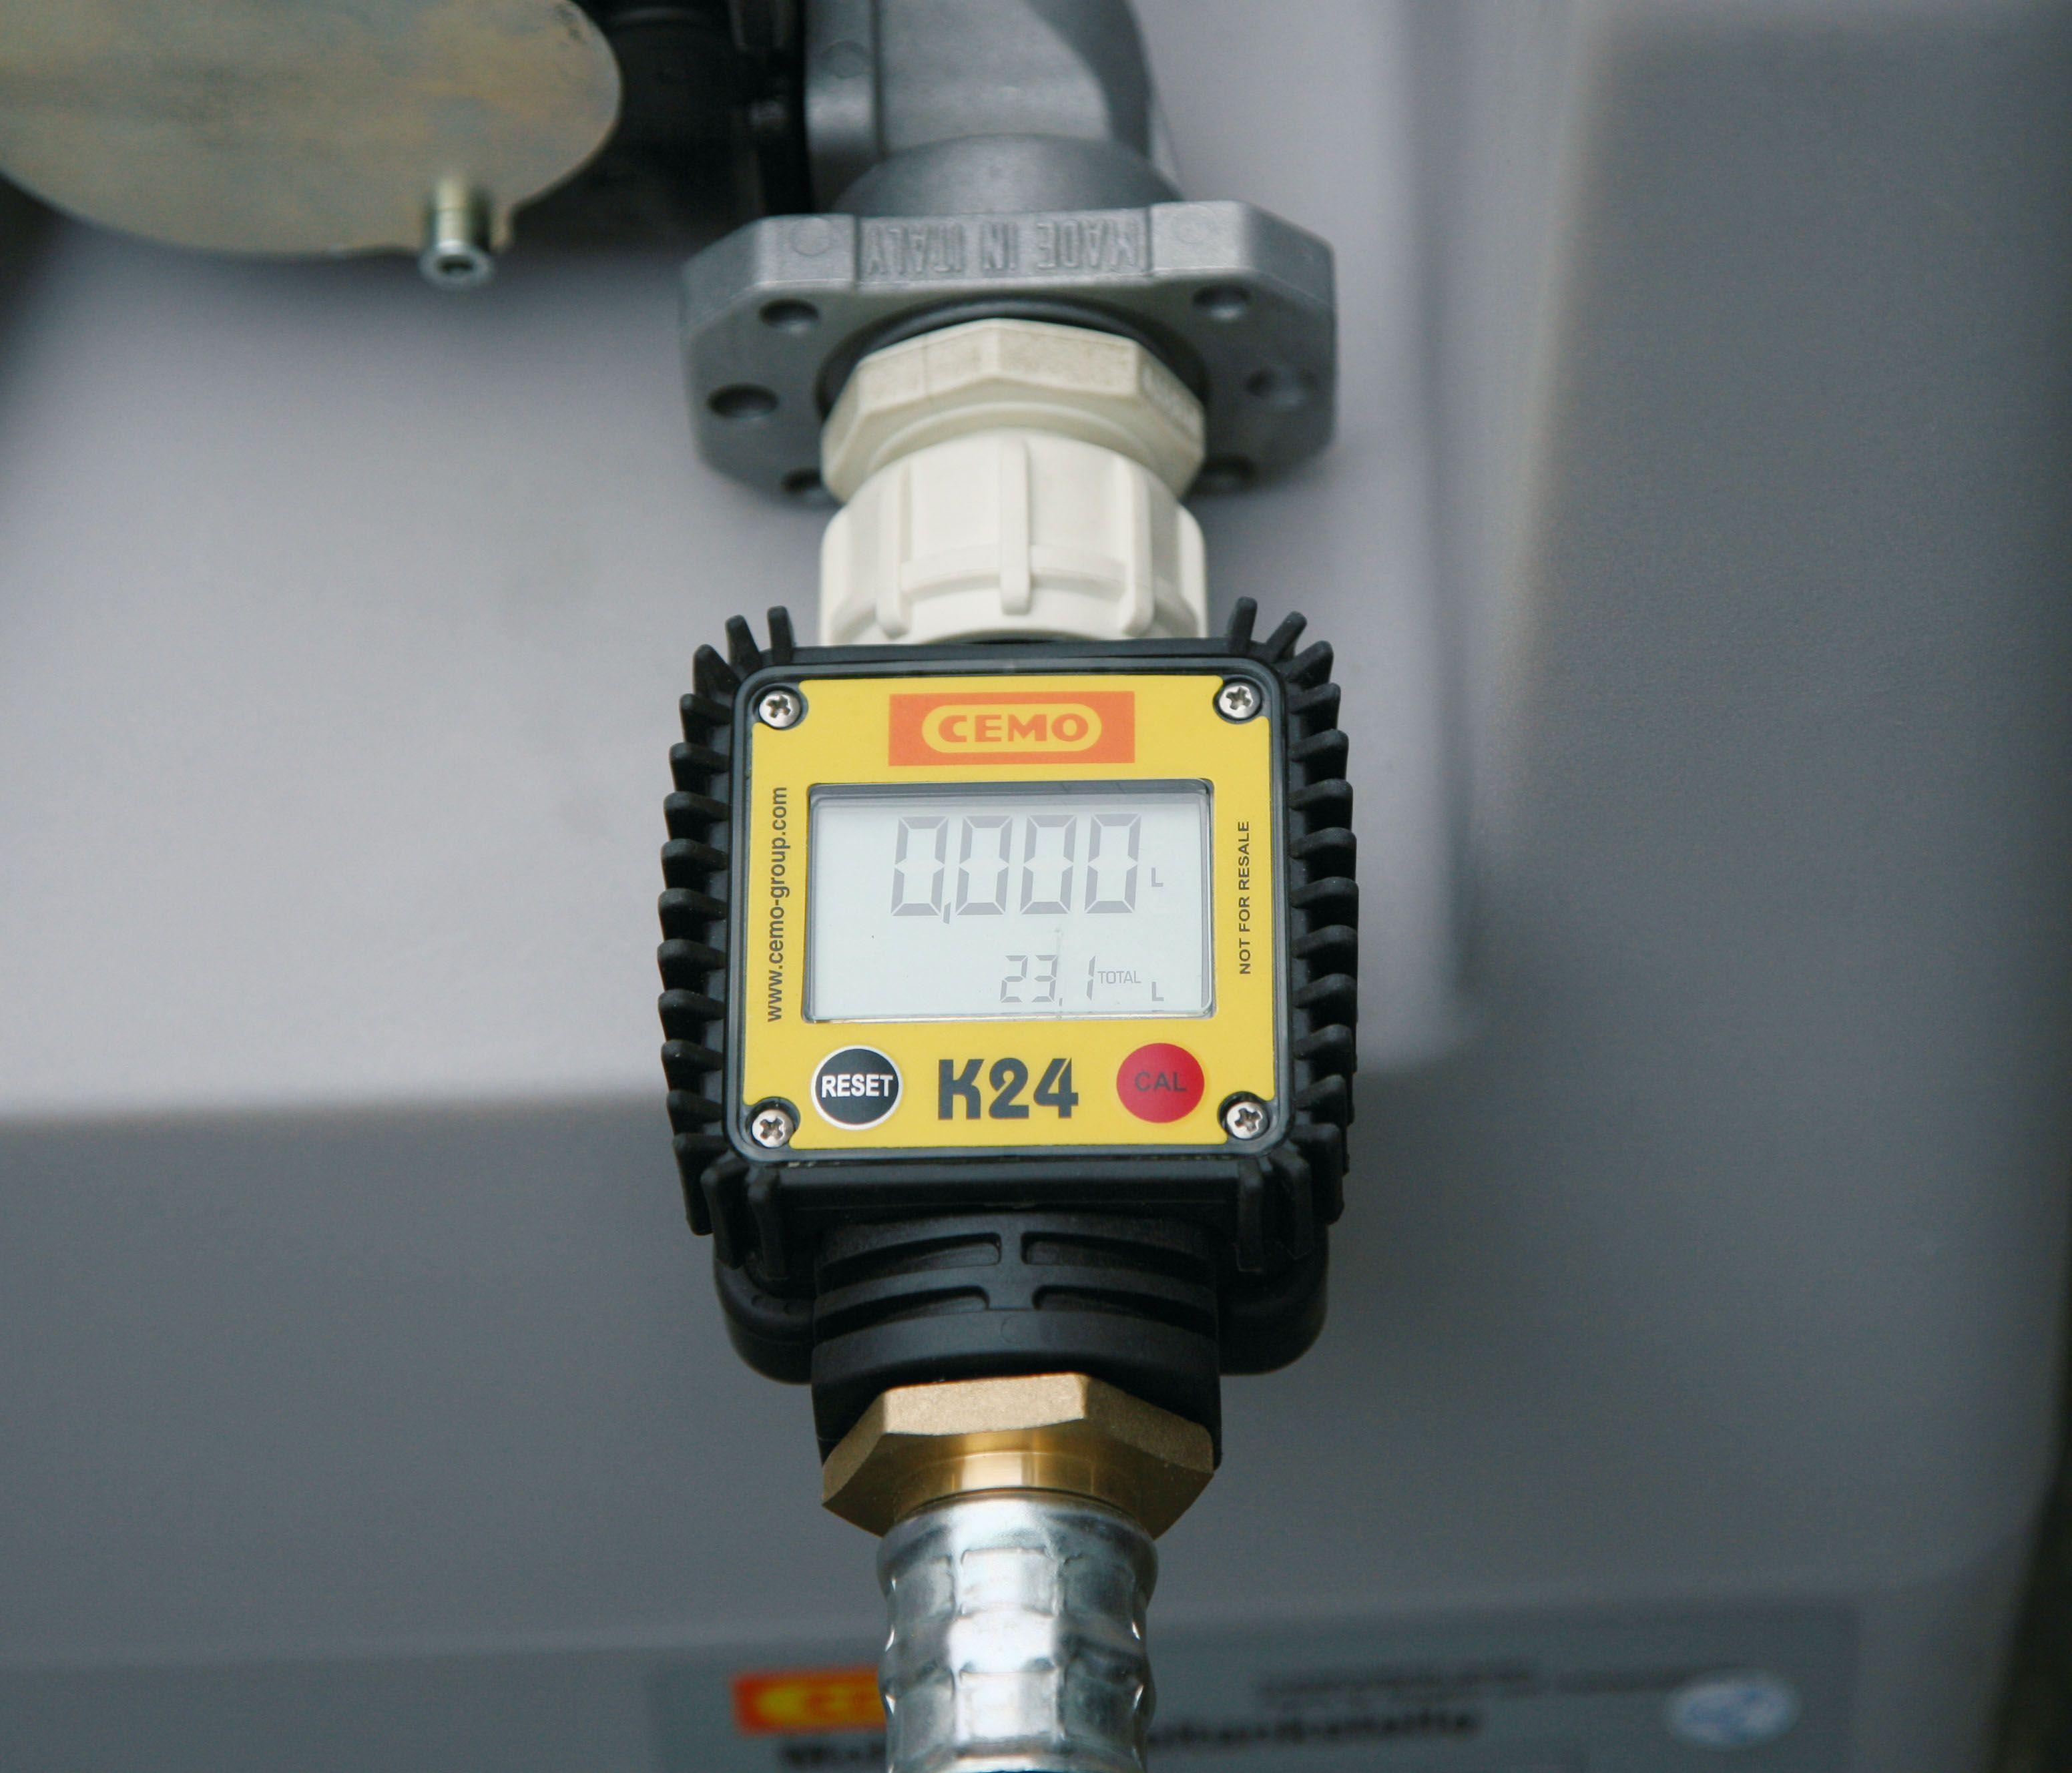 Digitaler Durchflusszähler K 24 für DT-Mobil Easy 430 l bis 600 l